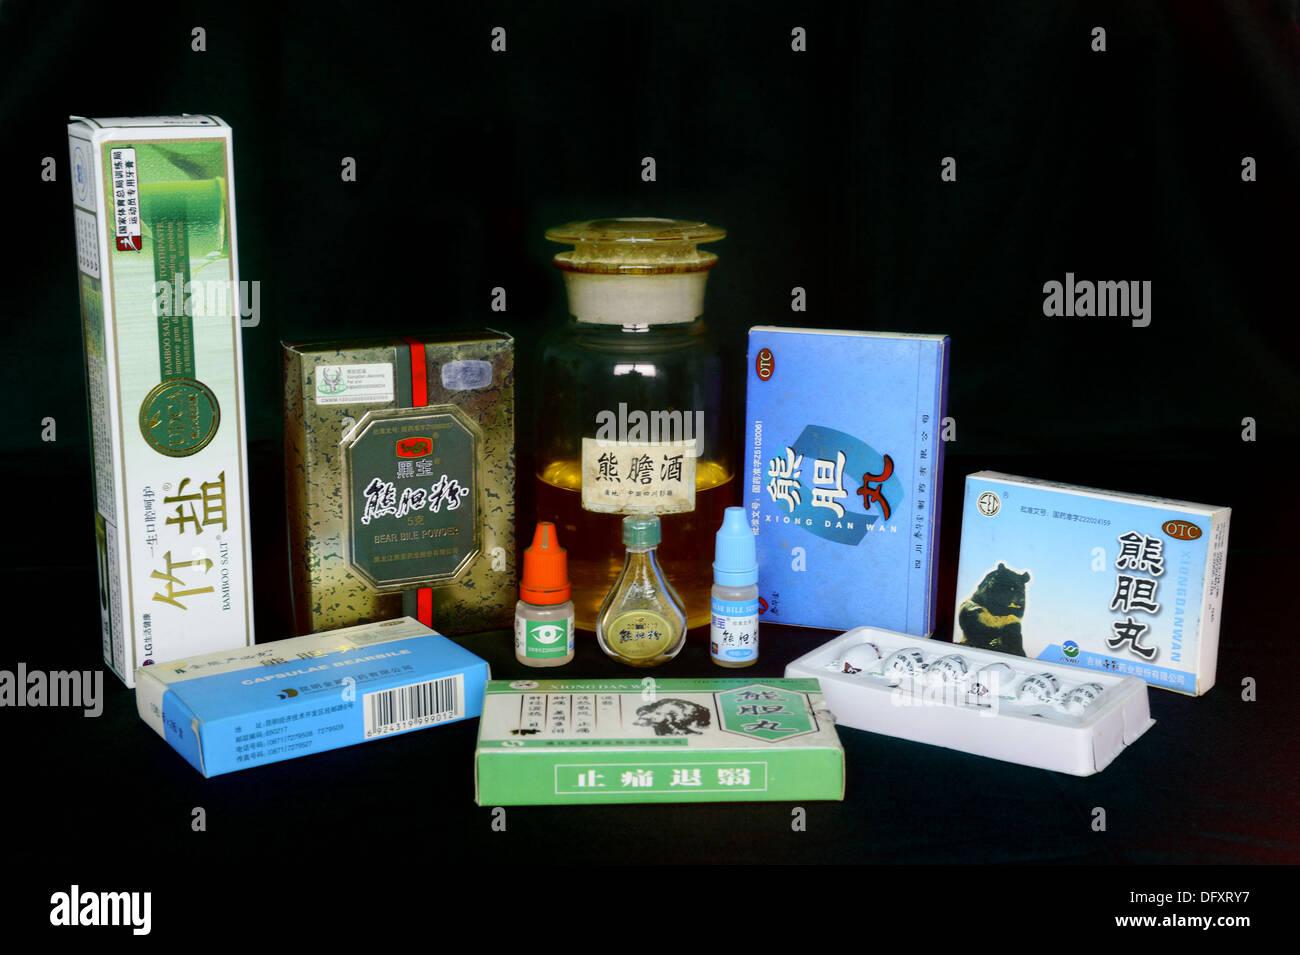 Galle-Produkt aus asiatischen Schwarzbären (Ursus Thibetanus) verwendet in der traditionellen chinesischen Medizin Stockbild